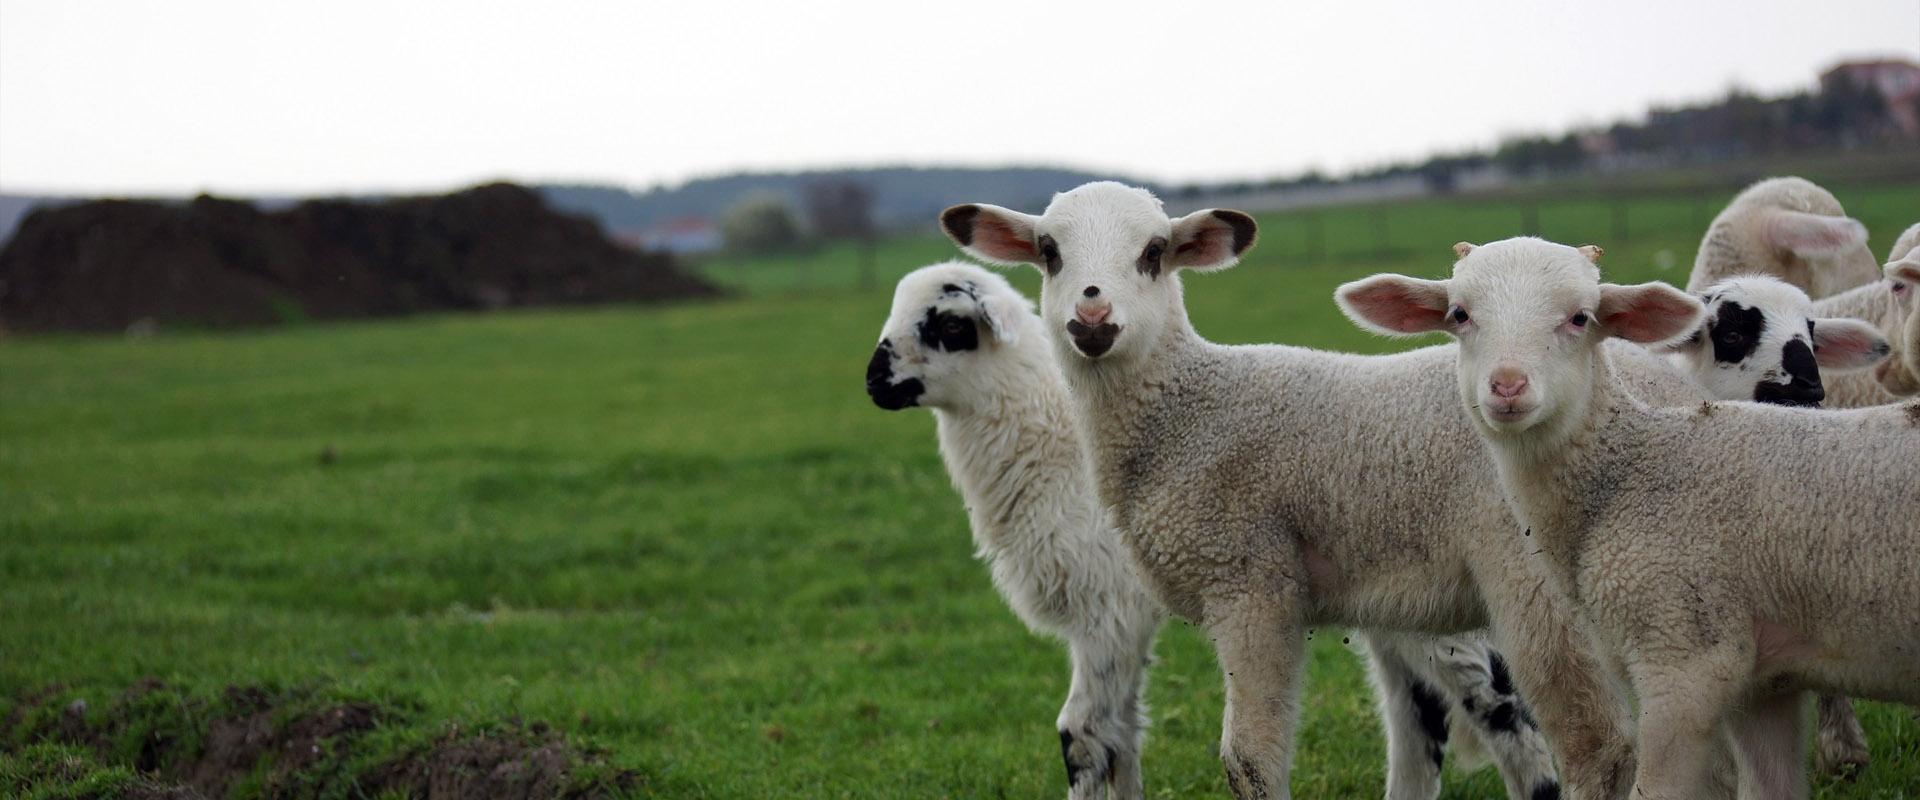 apex-hayvancılık-küçükbaş-hayvan-çiftliği-slider-1